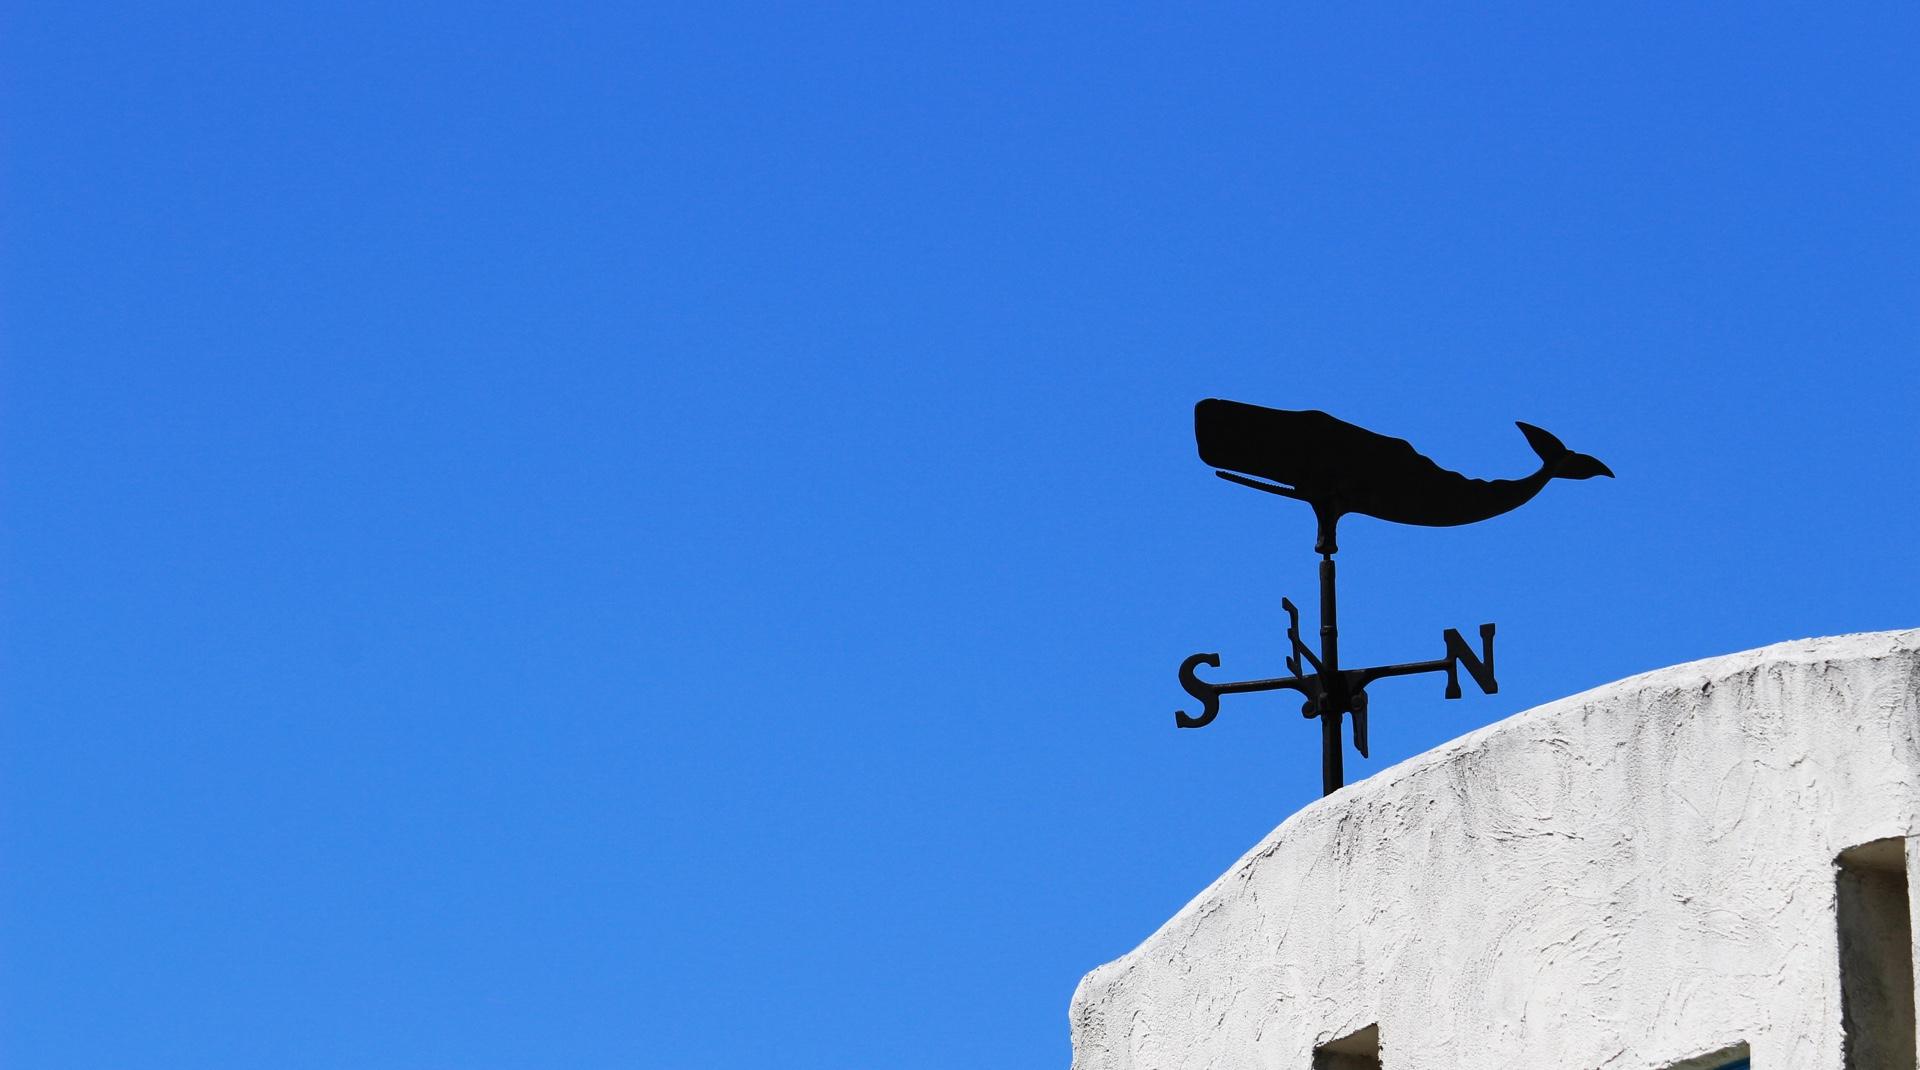 Dachschmuck: eine Wetterfahne mit einem Pottwal